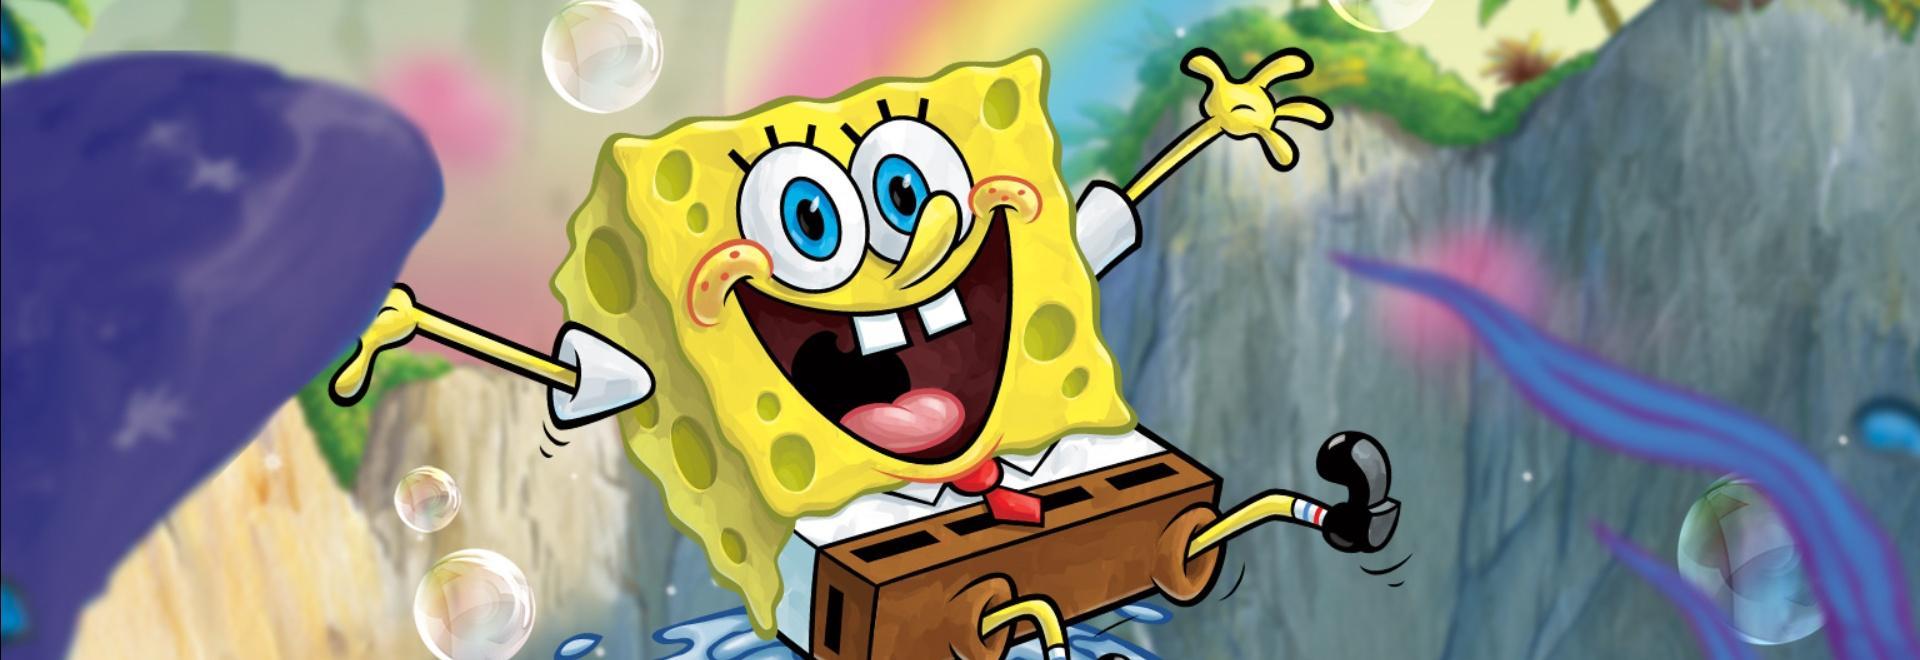 Cervelli in fuga / Spongebob è Waterman!